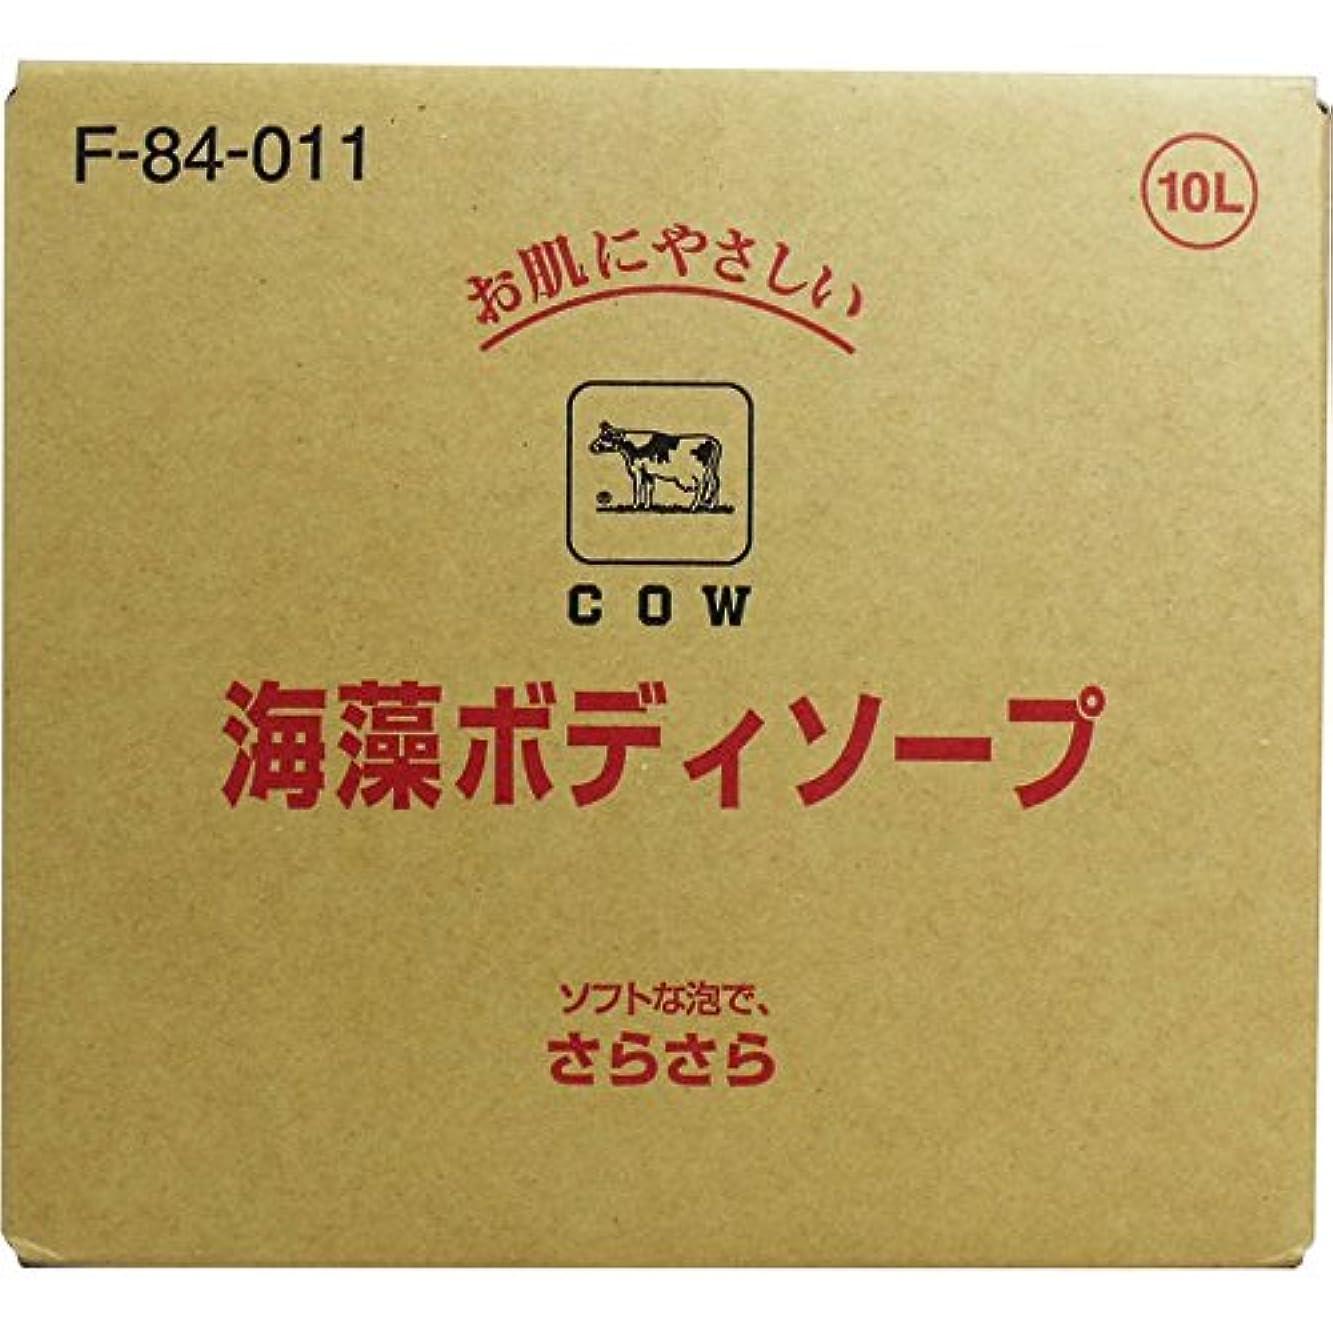 シャンパン削るアコーボディ 石けん詰め替え さらさらした洗い心地 便利商品 牛乳ブランド 海藻ボディソープ 業務用 10L